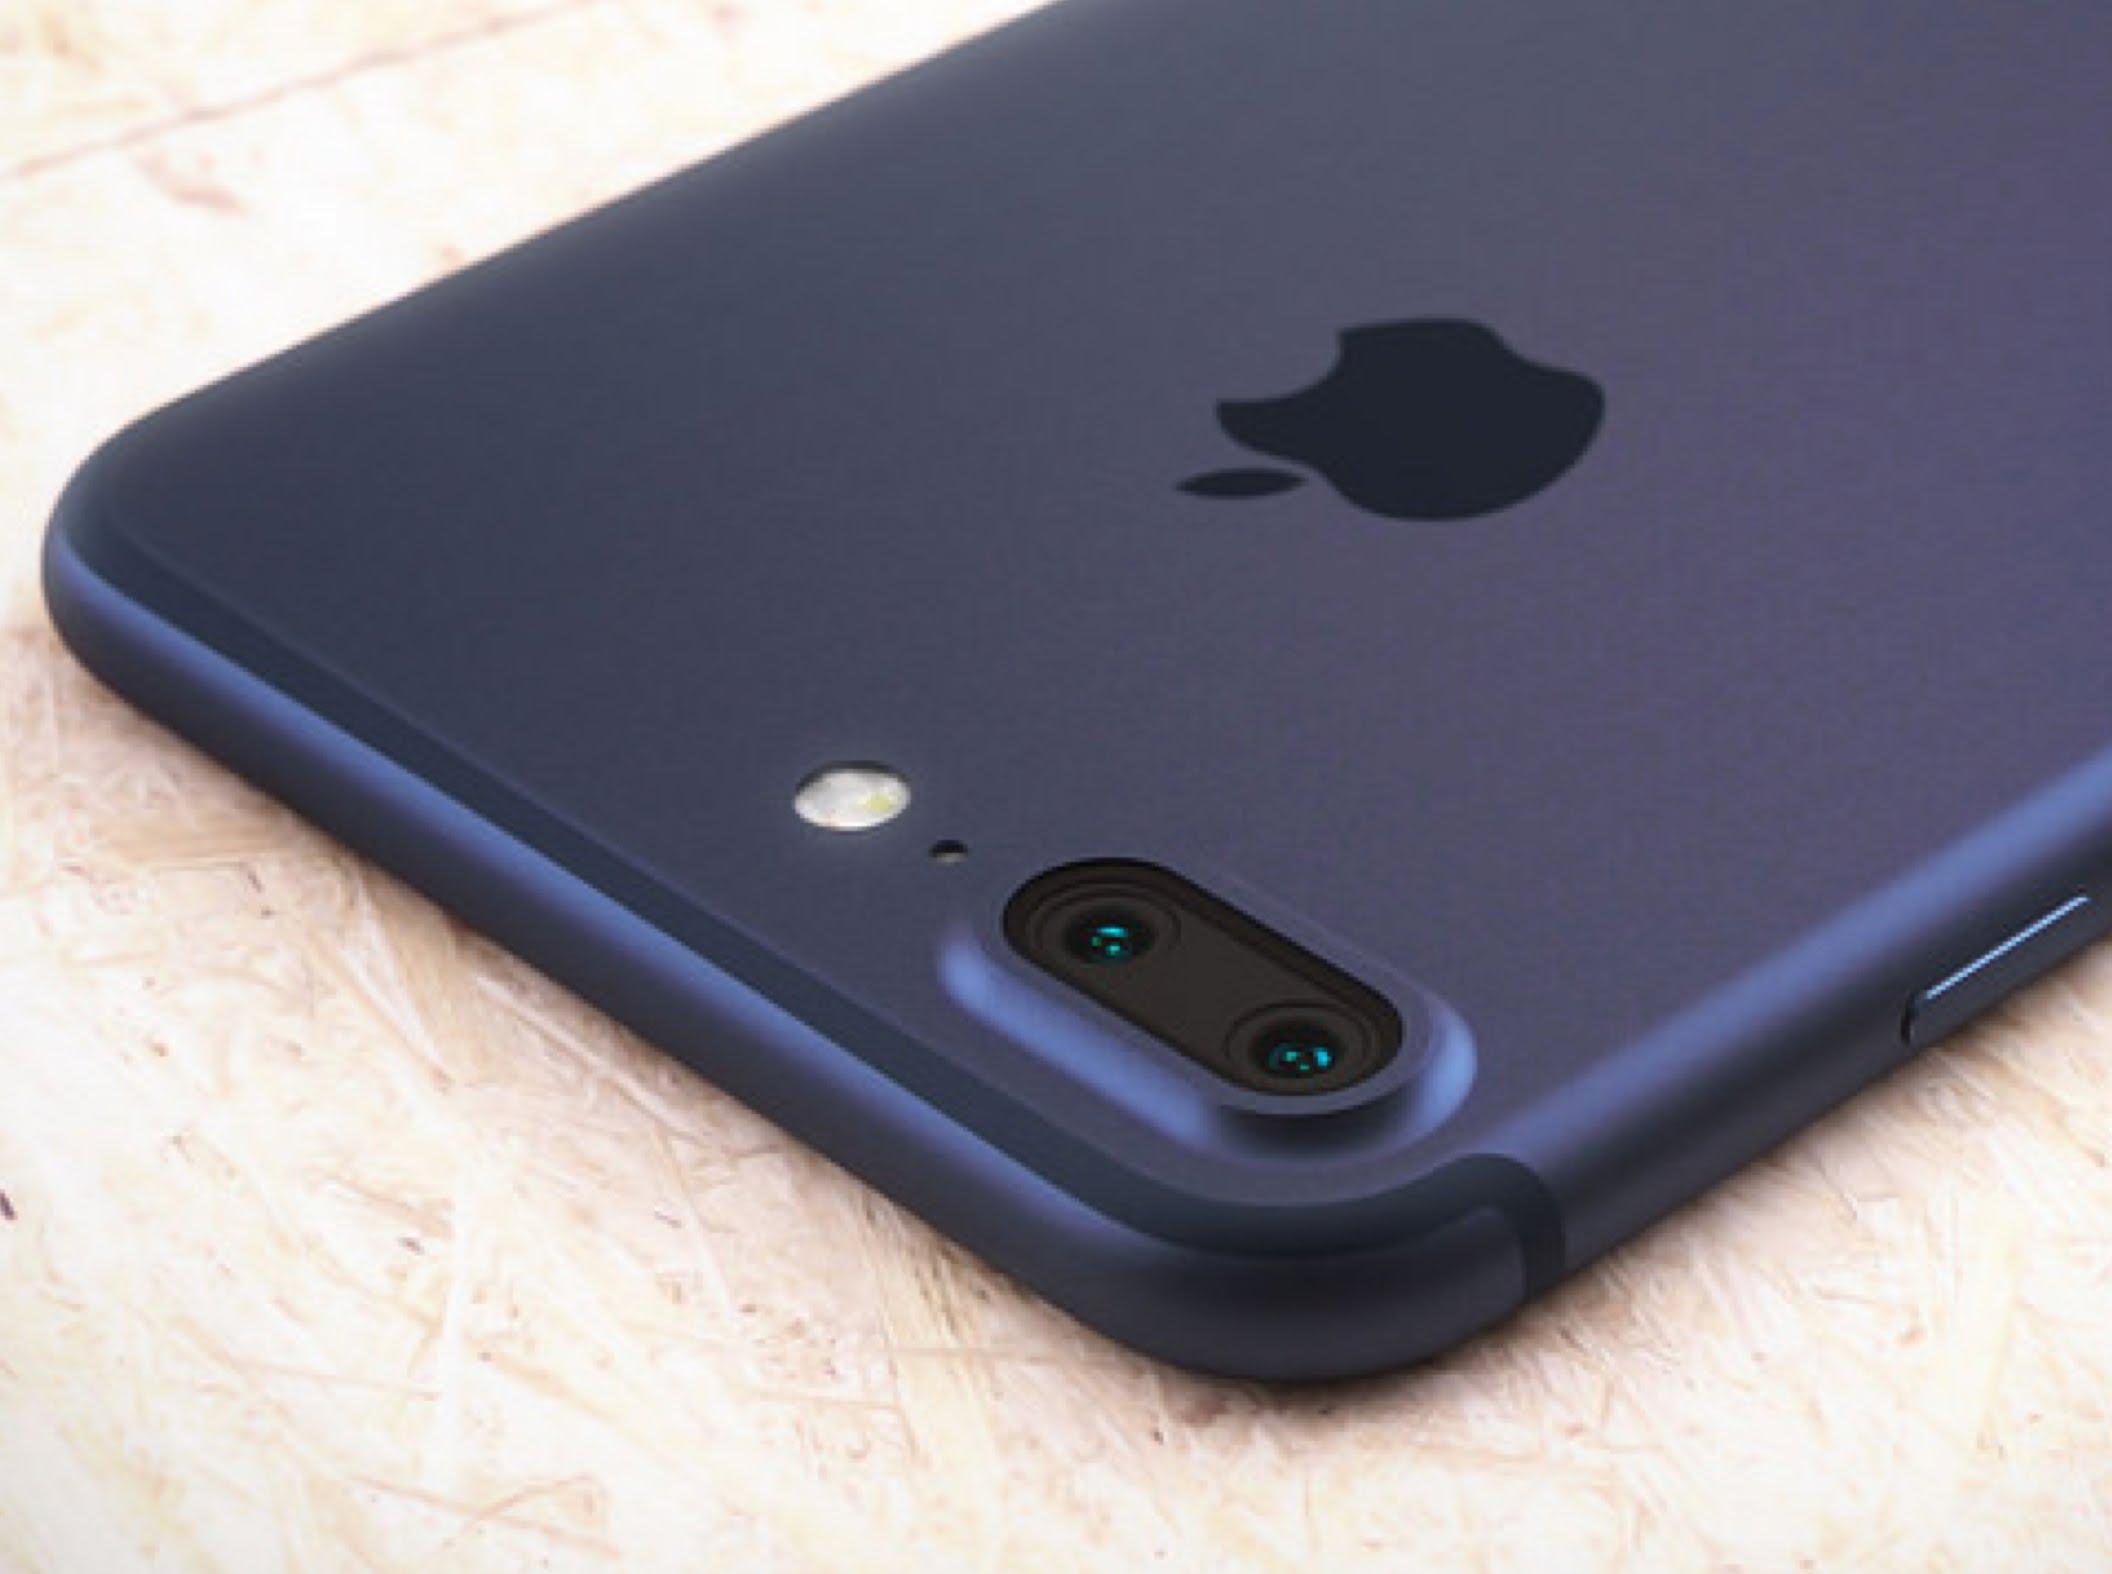 ВРФ резко упал вцене iPhone 7 Plus